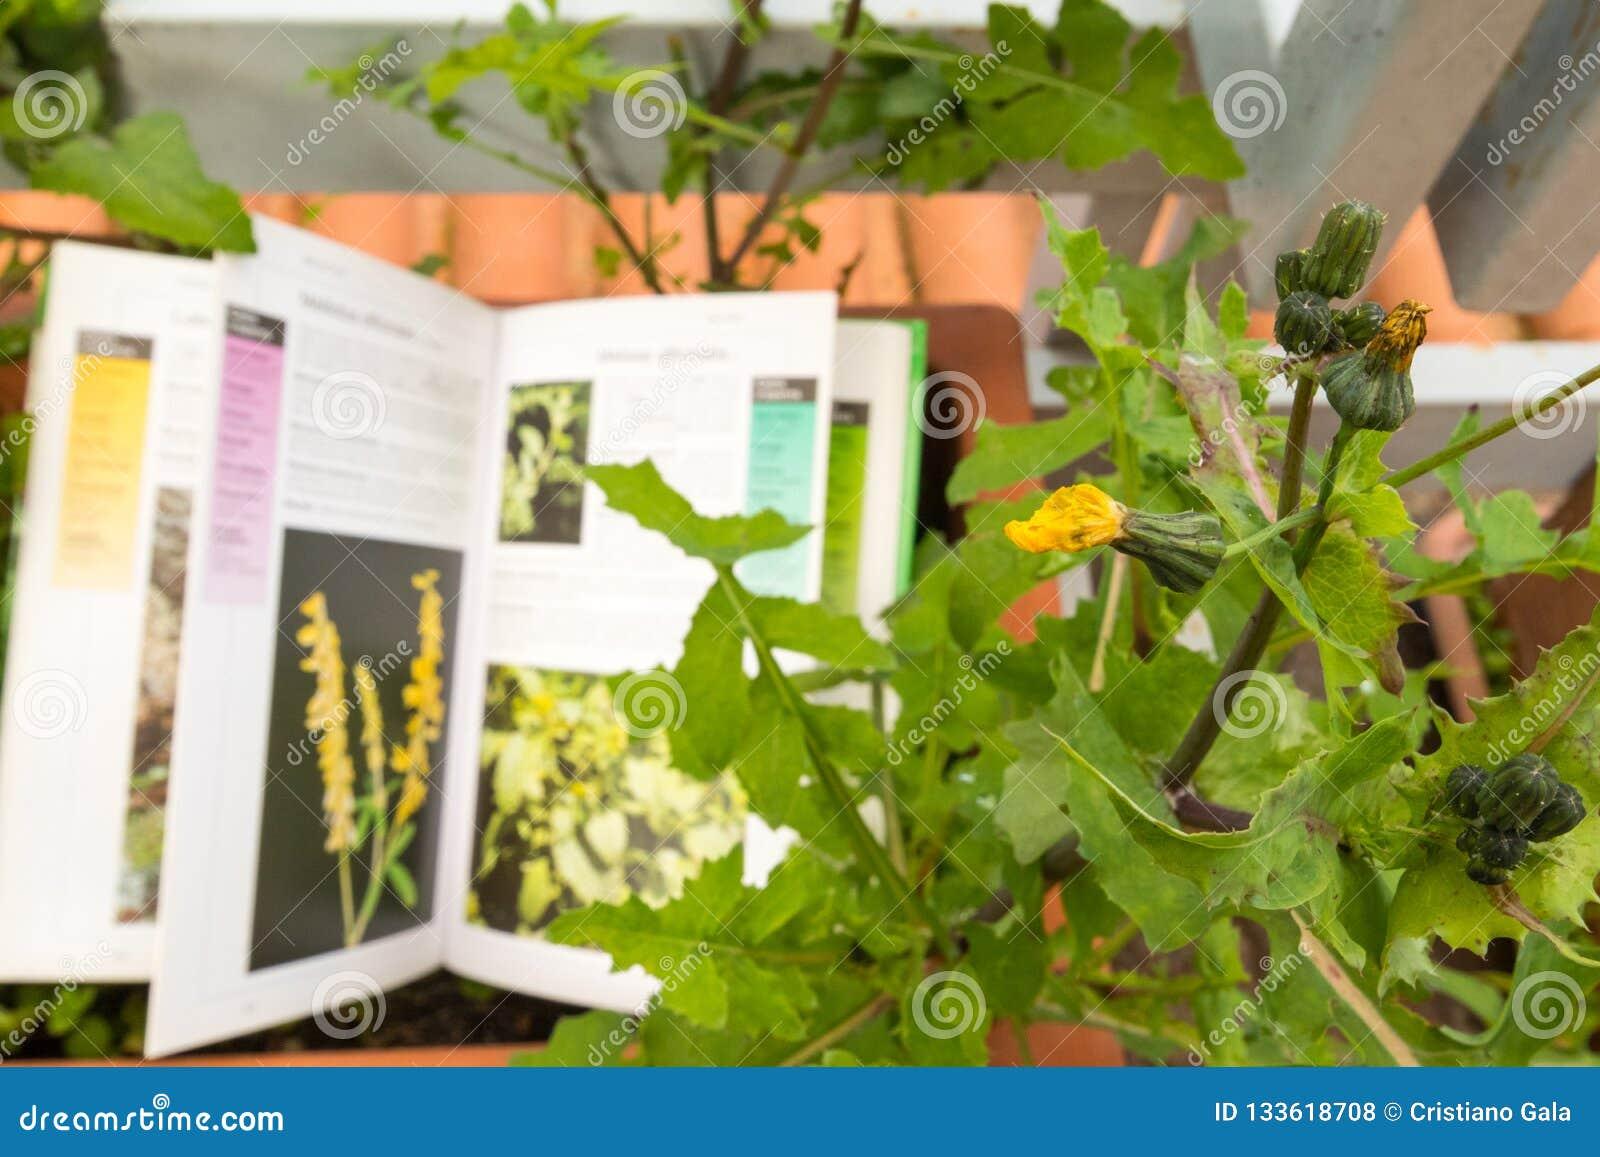 Определять полевой цветок с проводником поля ботаники